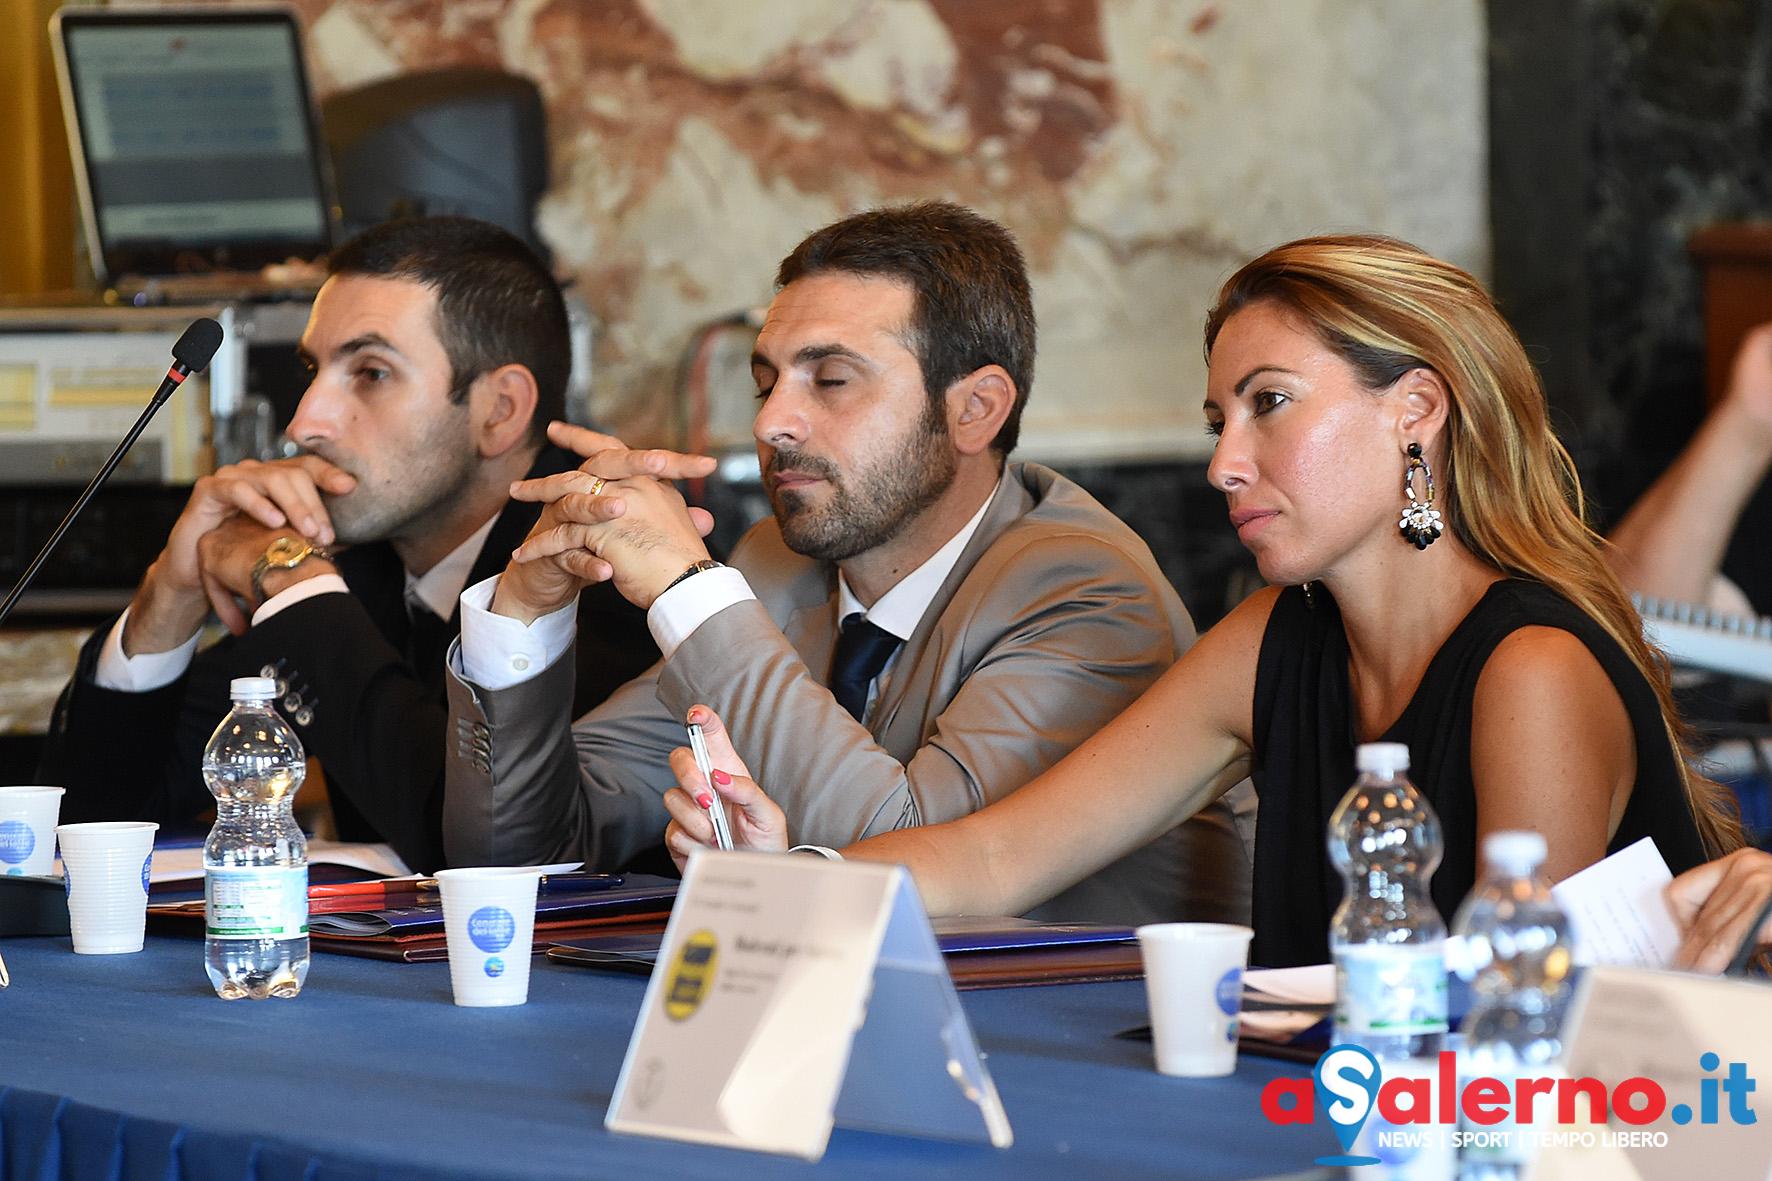 Salerno Consiglio Comunale